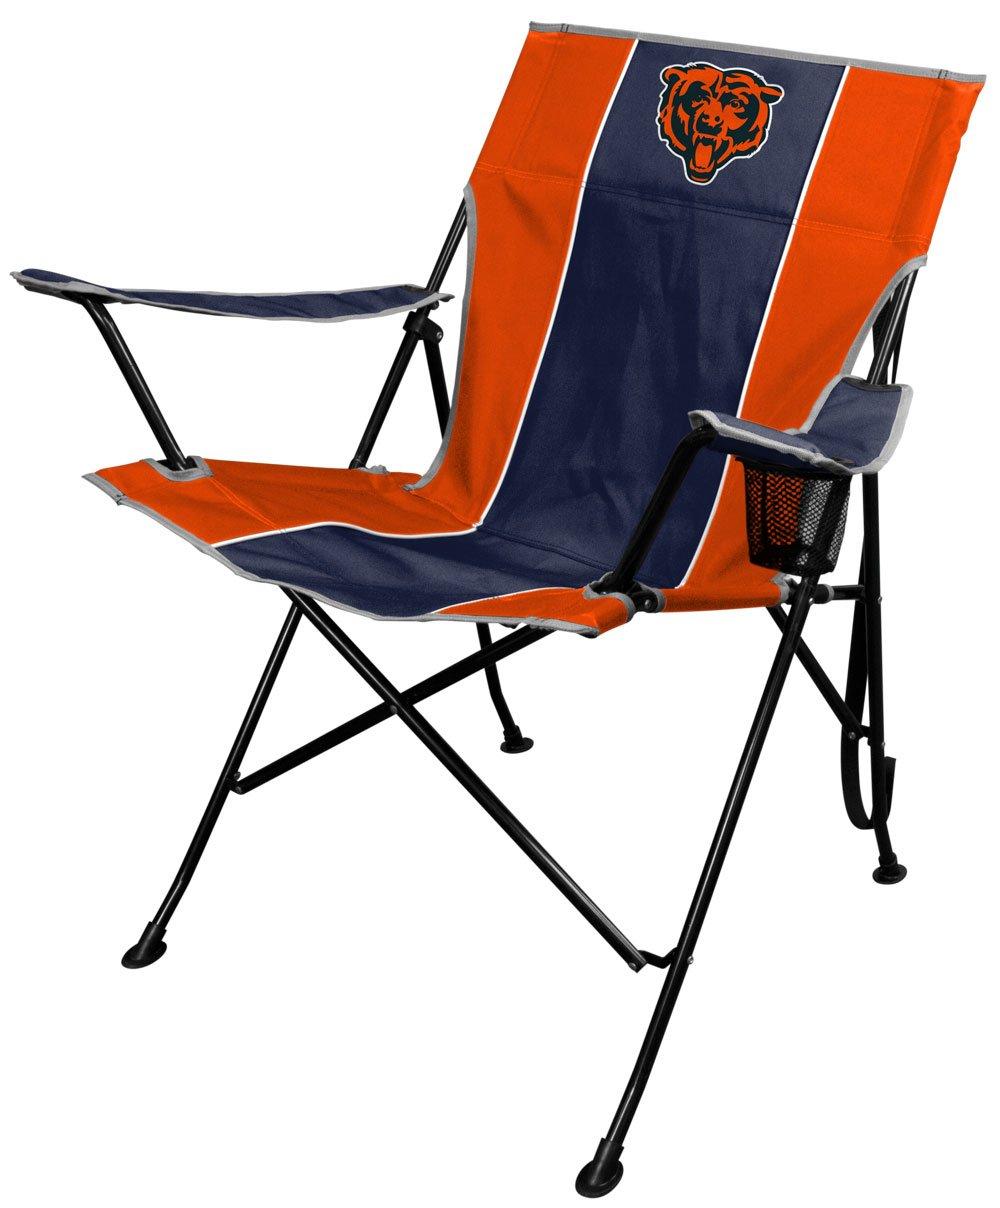 シカゴベアーズTailgate椅子 B00L9CY3BK